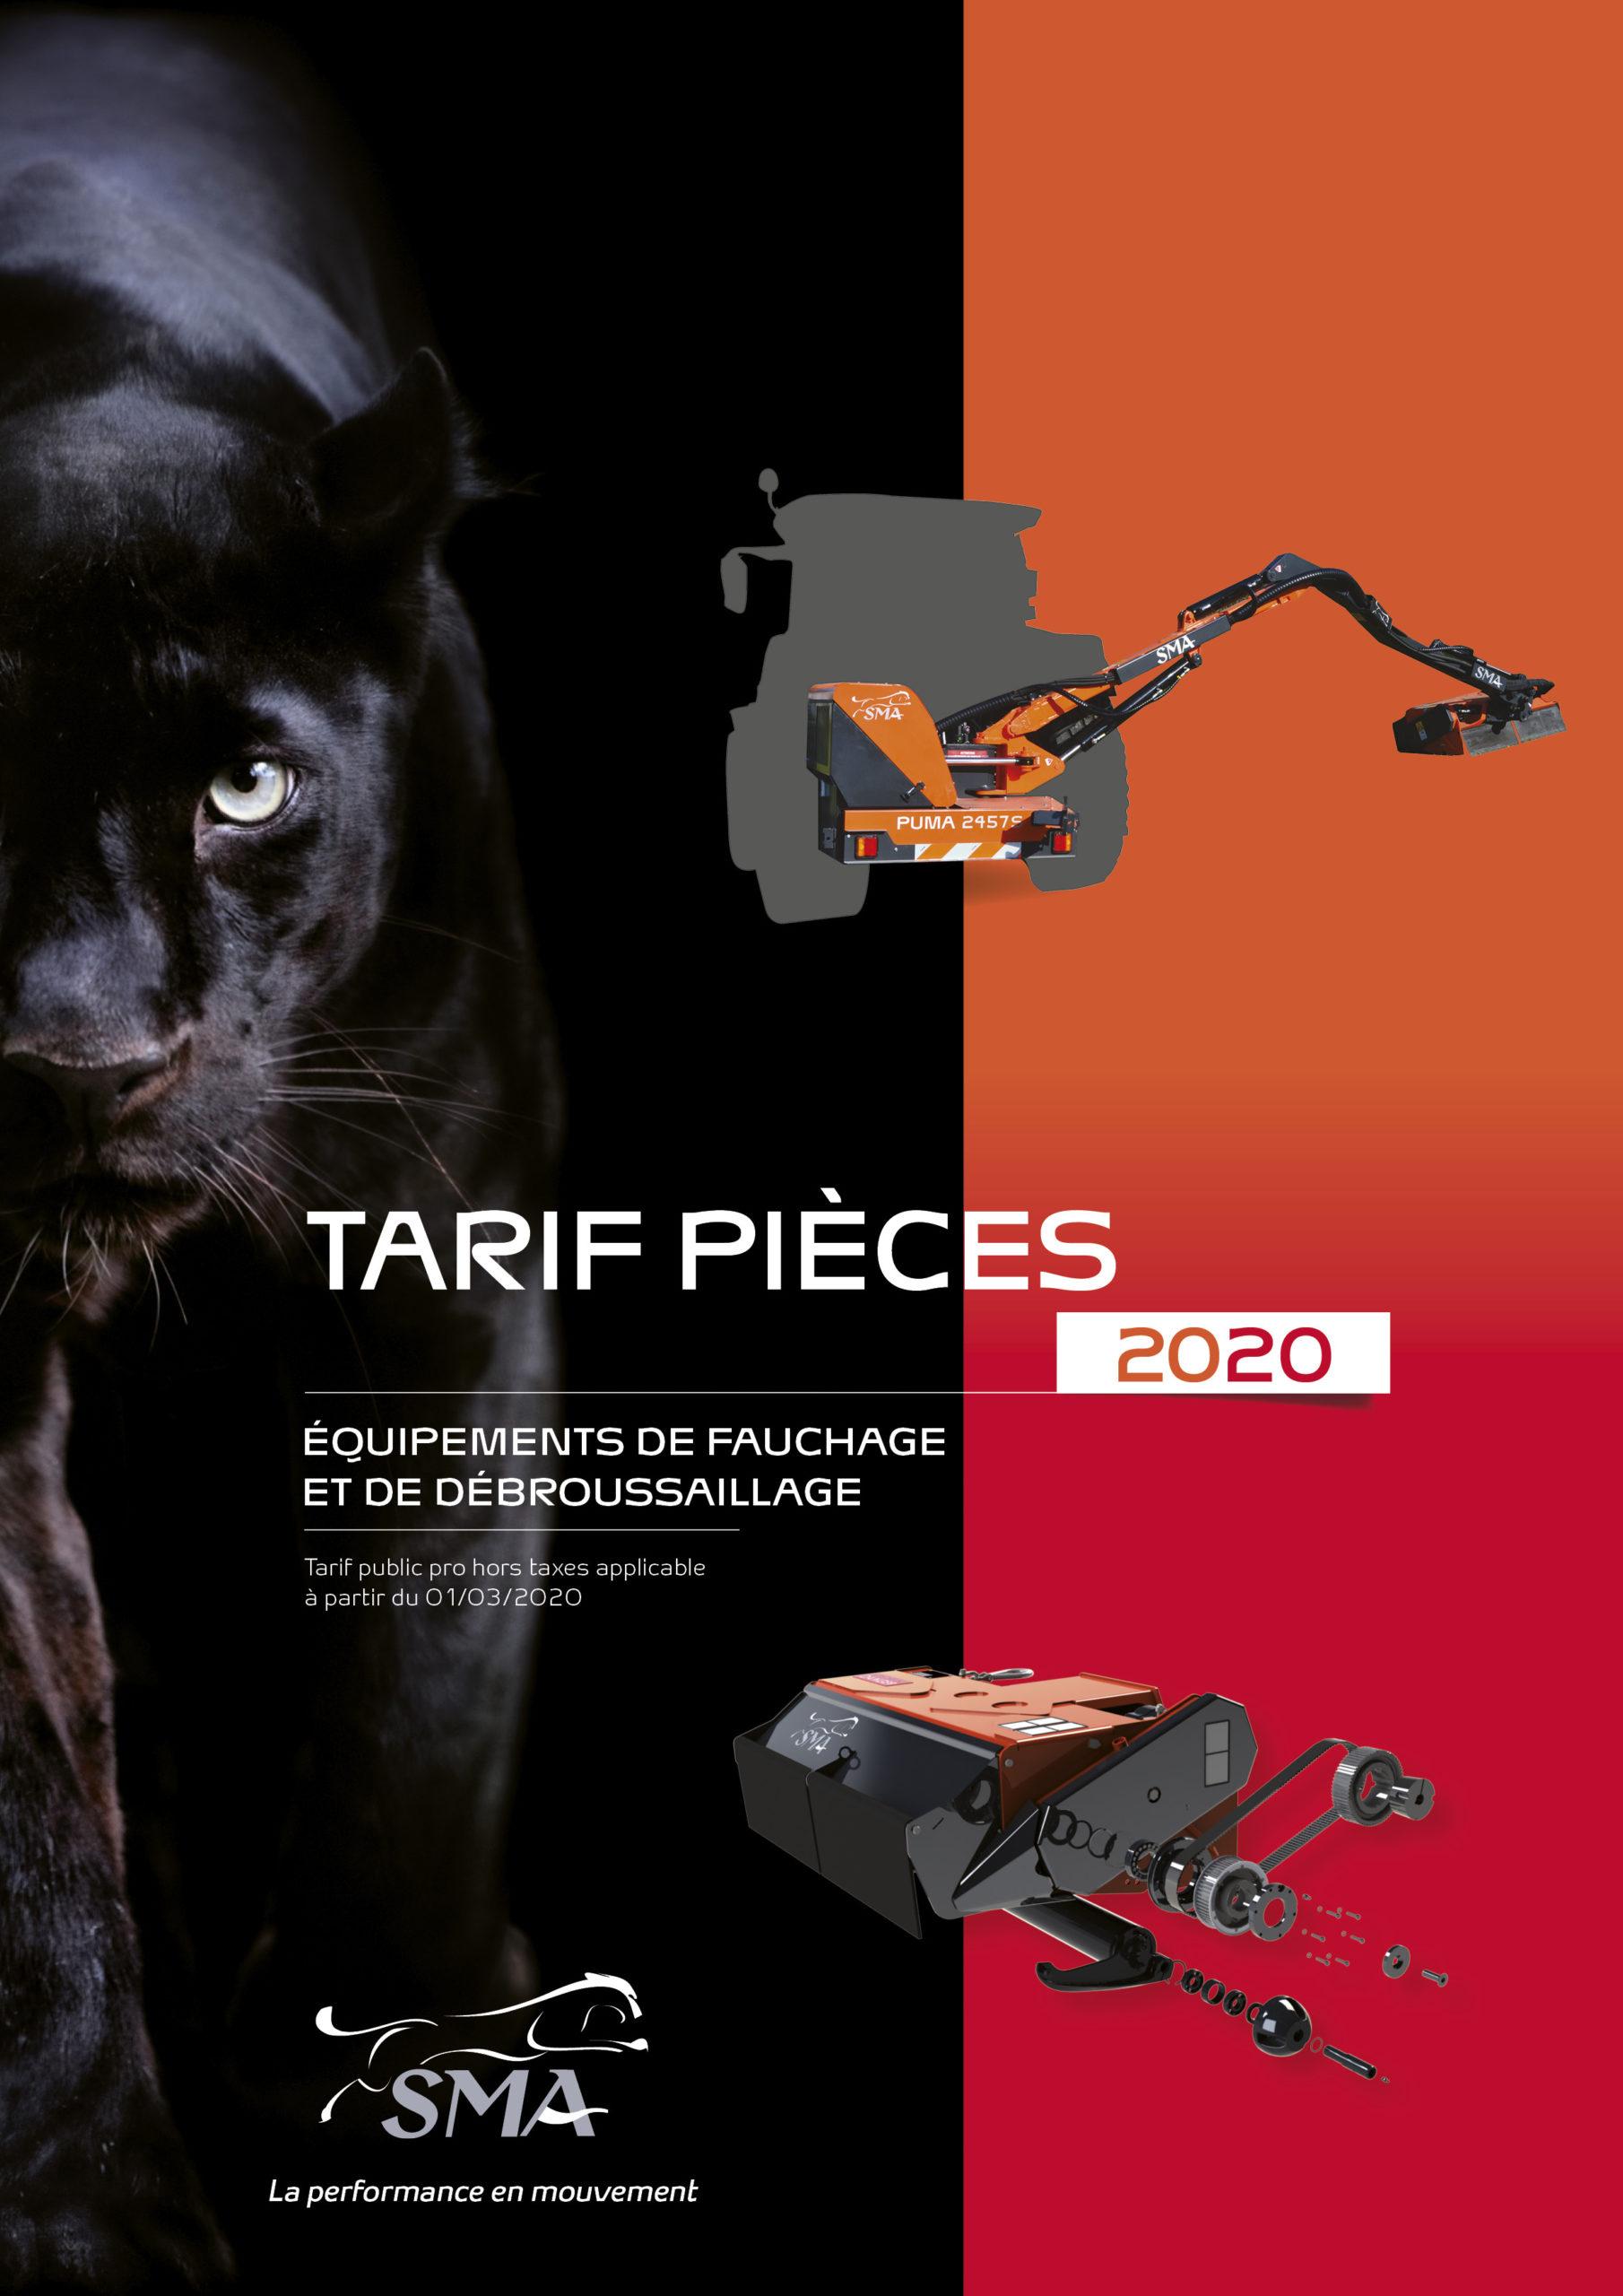 Tarif Pièces 2020